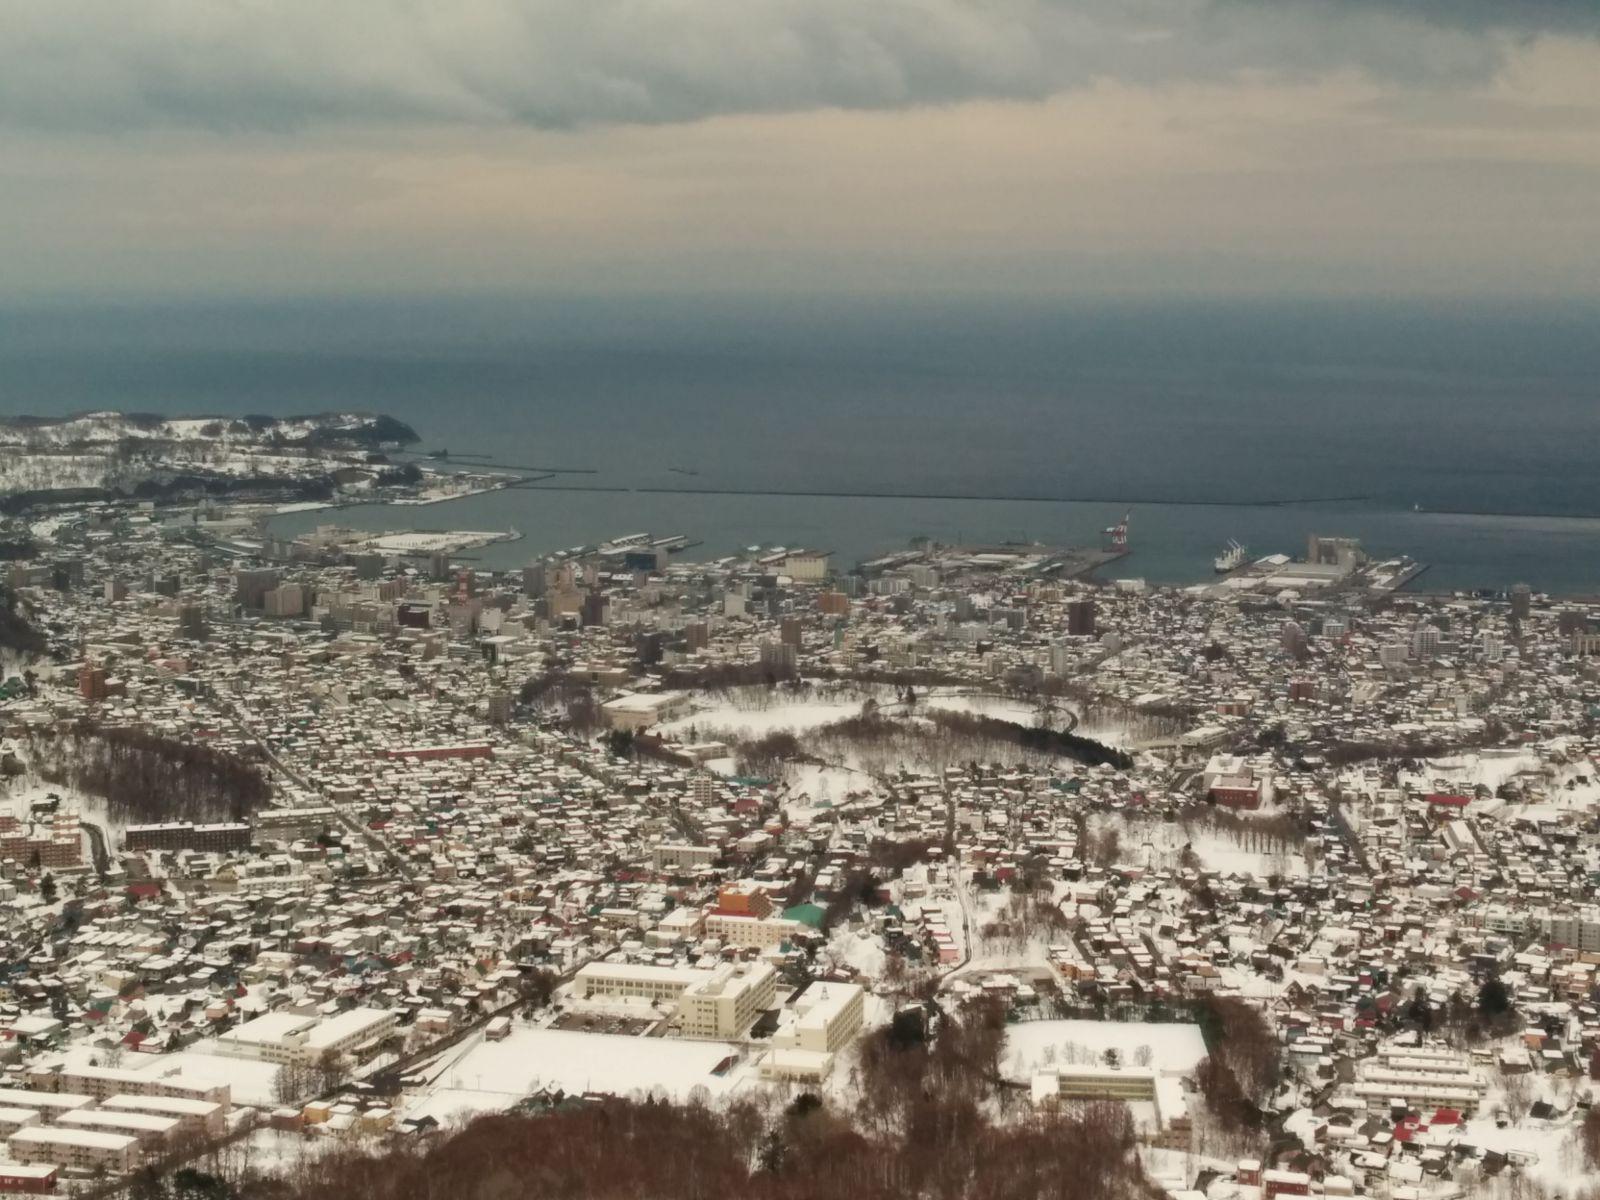 【小樽市】小樽朝里ダム・奥沢水源地・天狗山観光案内です。